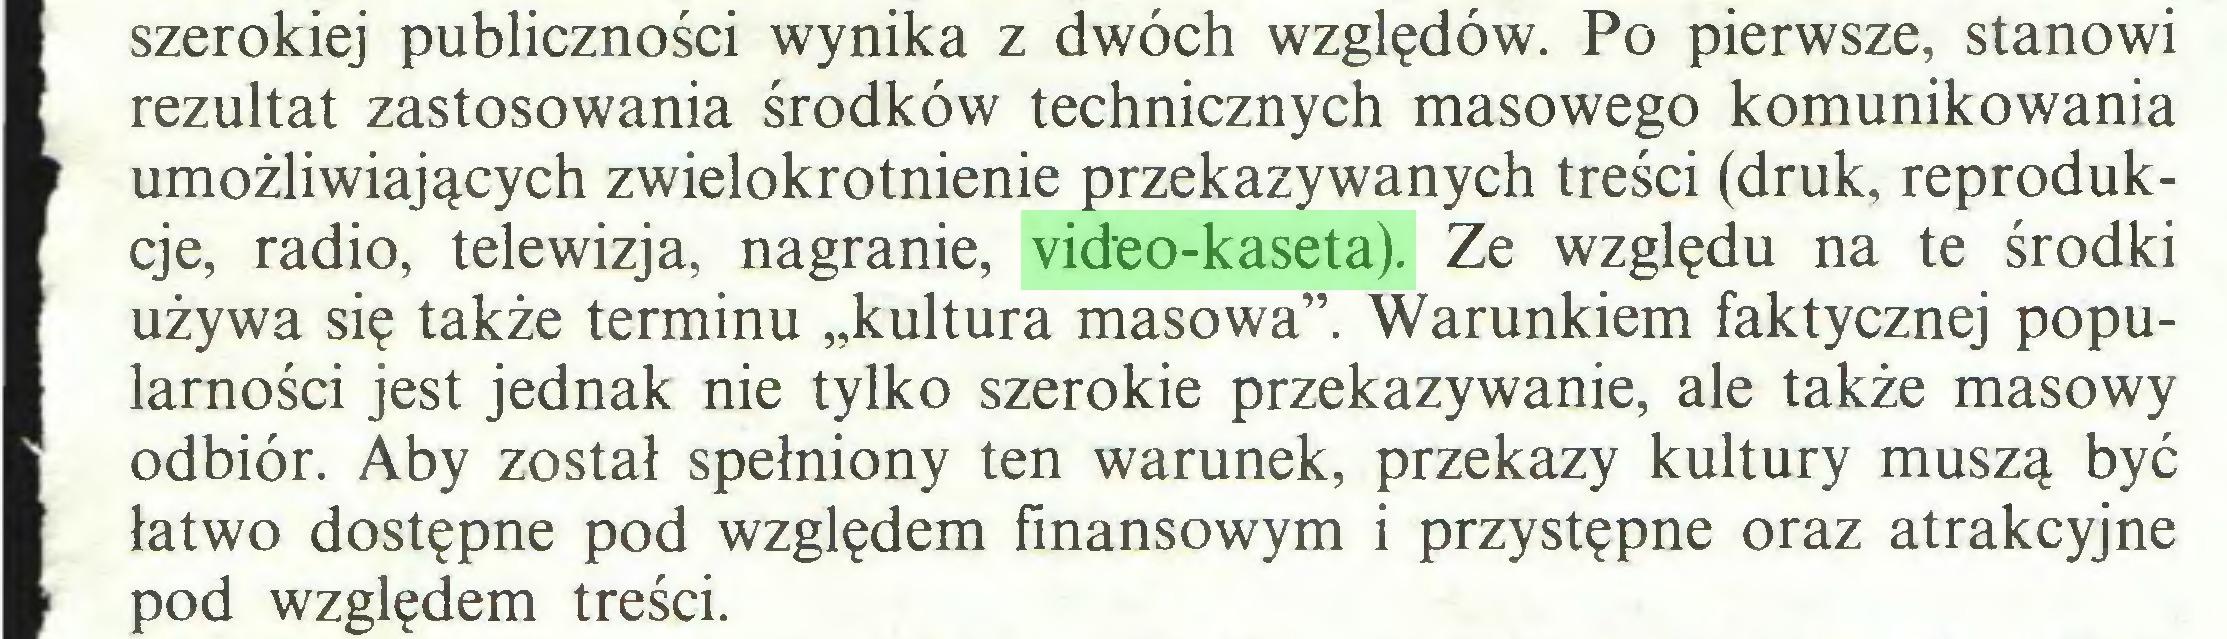 """(...) szerokiej publiczności wynika z dwóch względów. Po pierwsze, stanowi ■ rezultat zastosowania środków technicznych masowego komunikowania m umożliwiających zwielokrotnienie przekazywanych treści (druk, reproduk■ cje, radio, telewizja, nagranie, video-kaseta). Ze względu na te środki ■ używa się także terminu """"kultura masowa"""". Warunkiem faktycznej popuI larności jest jednak nie tylko szerokie przekazywanie, ale także masowy E odbiór. Aby został spełniony ten warunek, przekazy kultury muszą być ■ łatwo dostępne pod względem finansowym i przystępne oraz atrakcyjne pod względem treści..."""